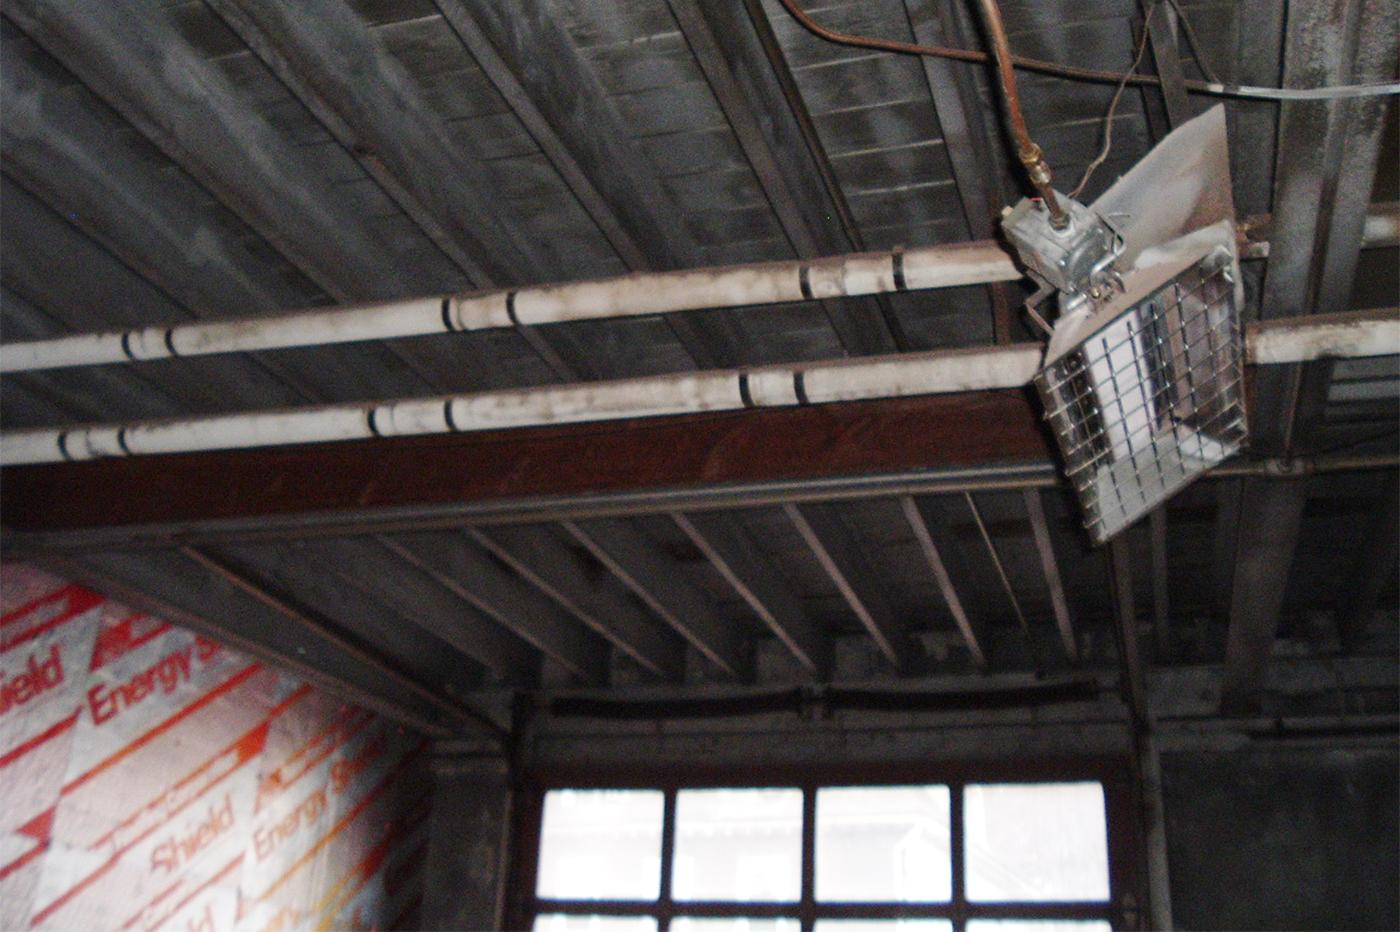 LibertyRocksBooks_ceiling